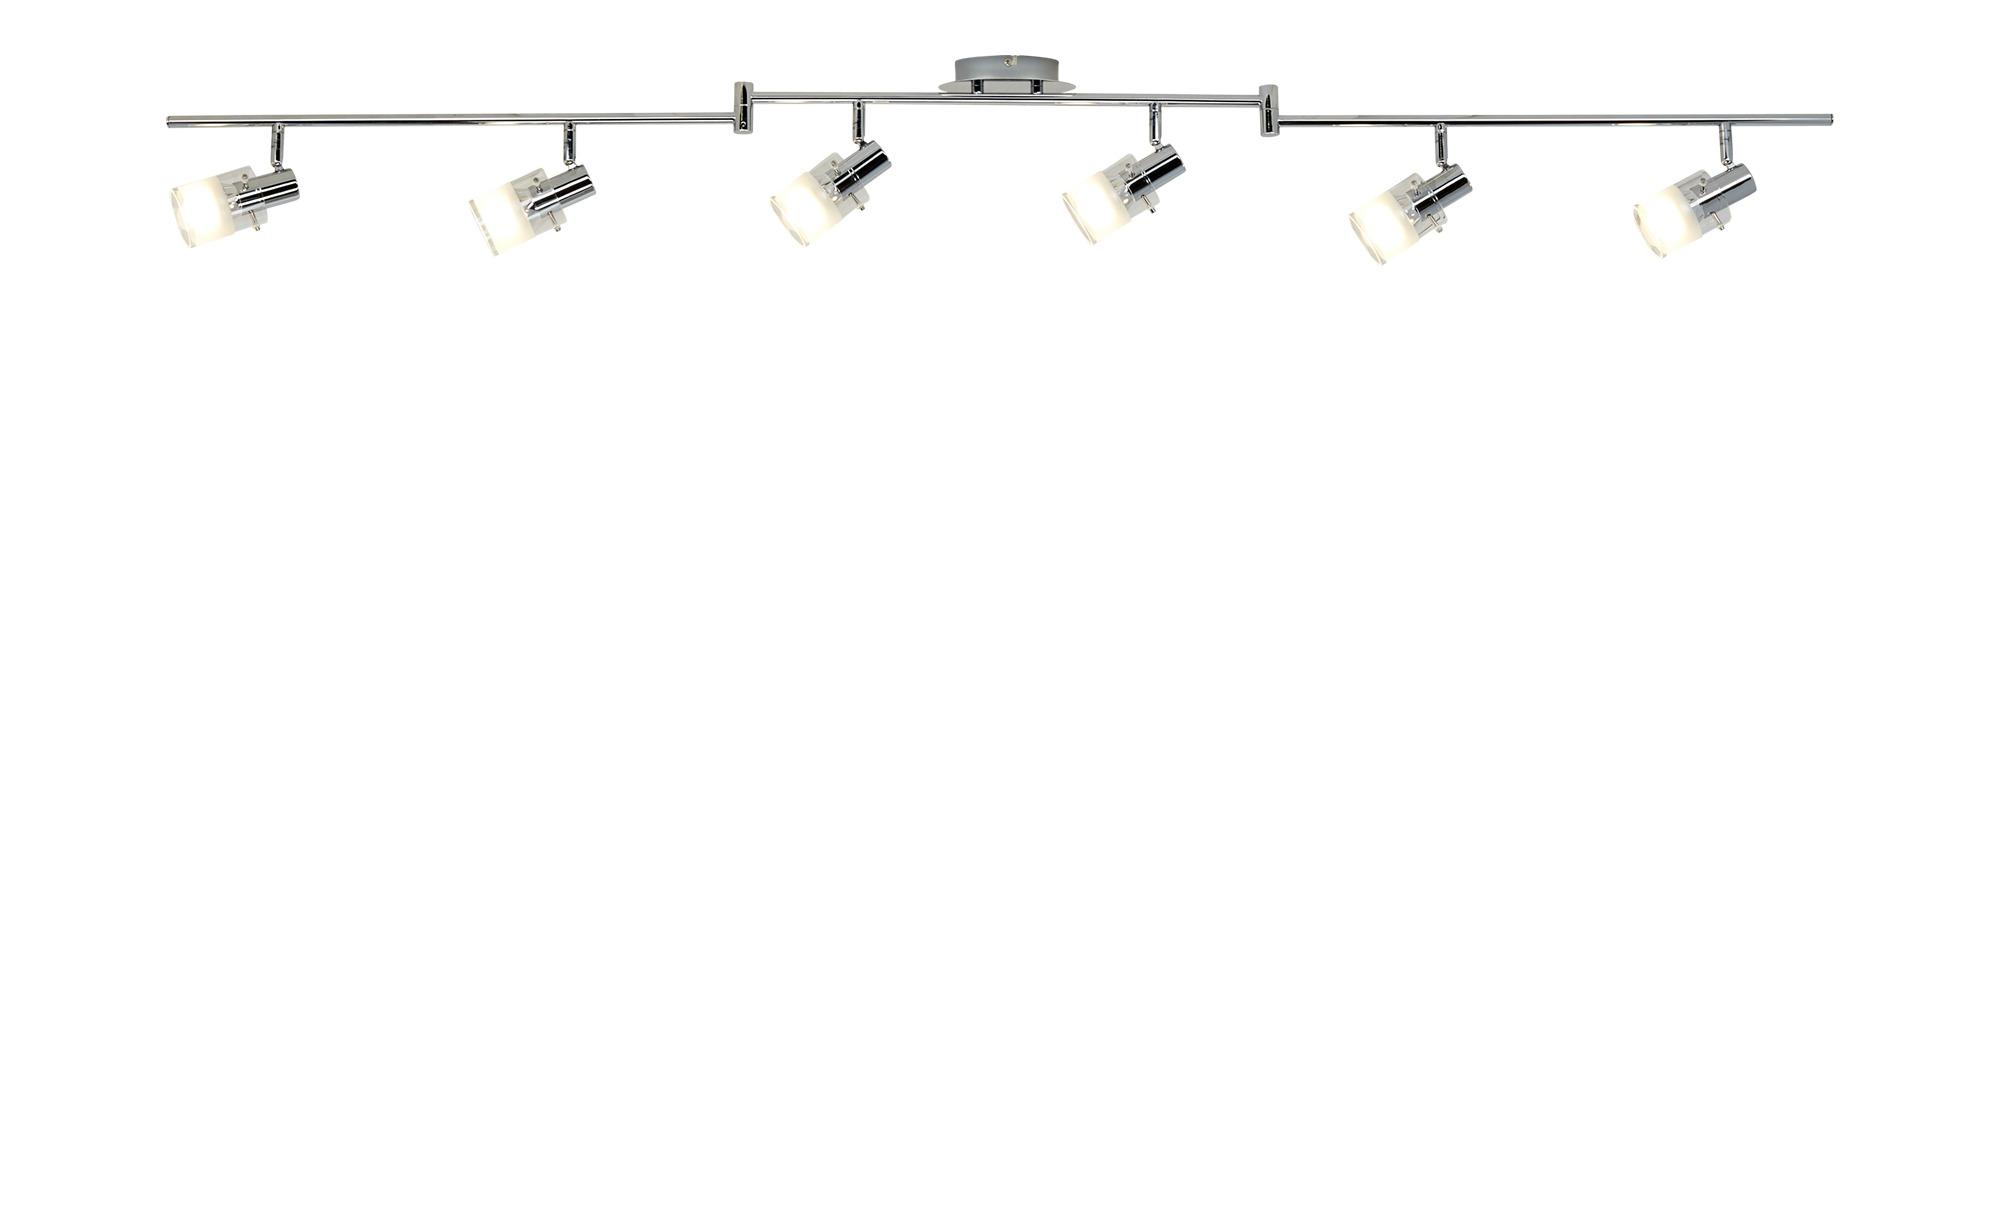 KHG LED- Deckenstrahler, 6-flammig, chrom ¦ silber ¦ Maße (cm): B: 13,5 H: 8 Lampen & Leuchten > LED-Leuchten > LED-Strahler & Spots - Höffner